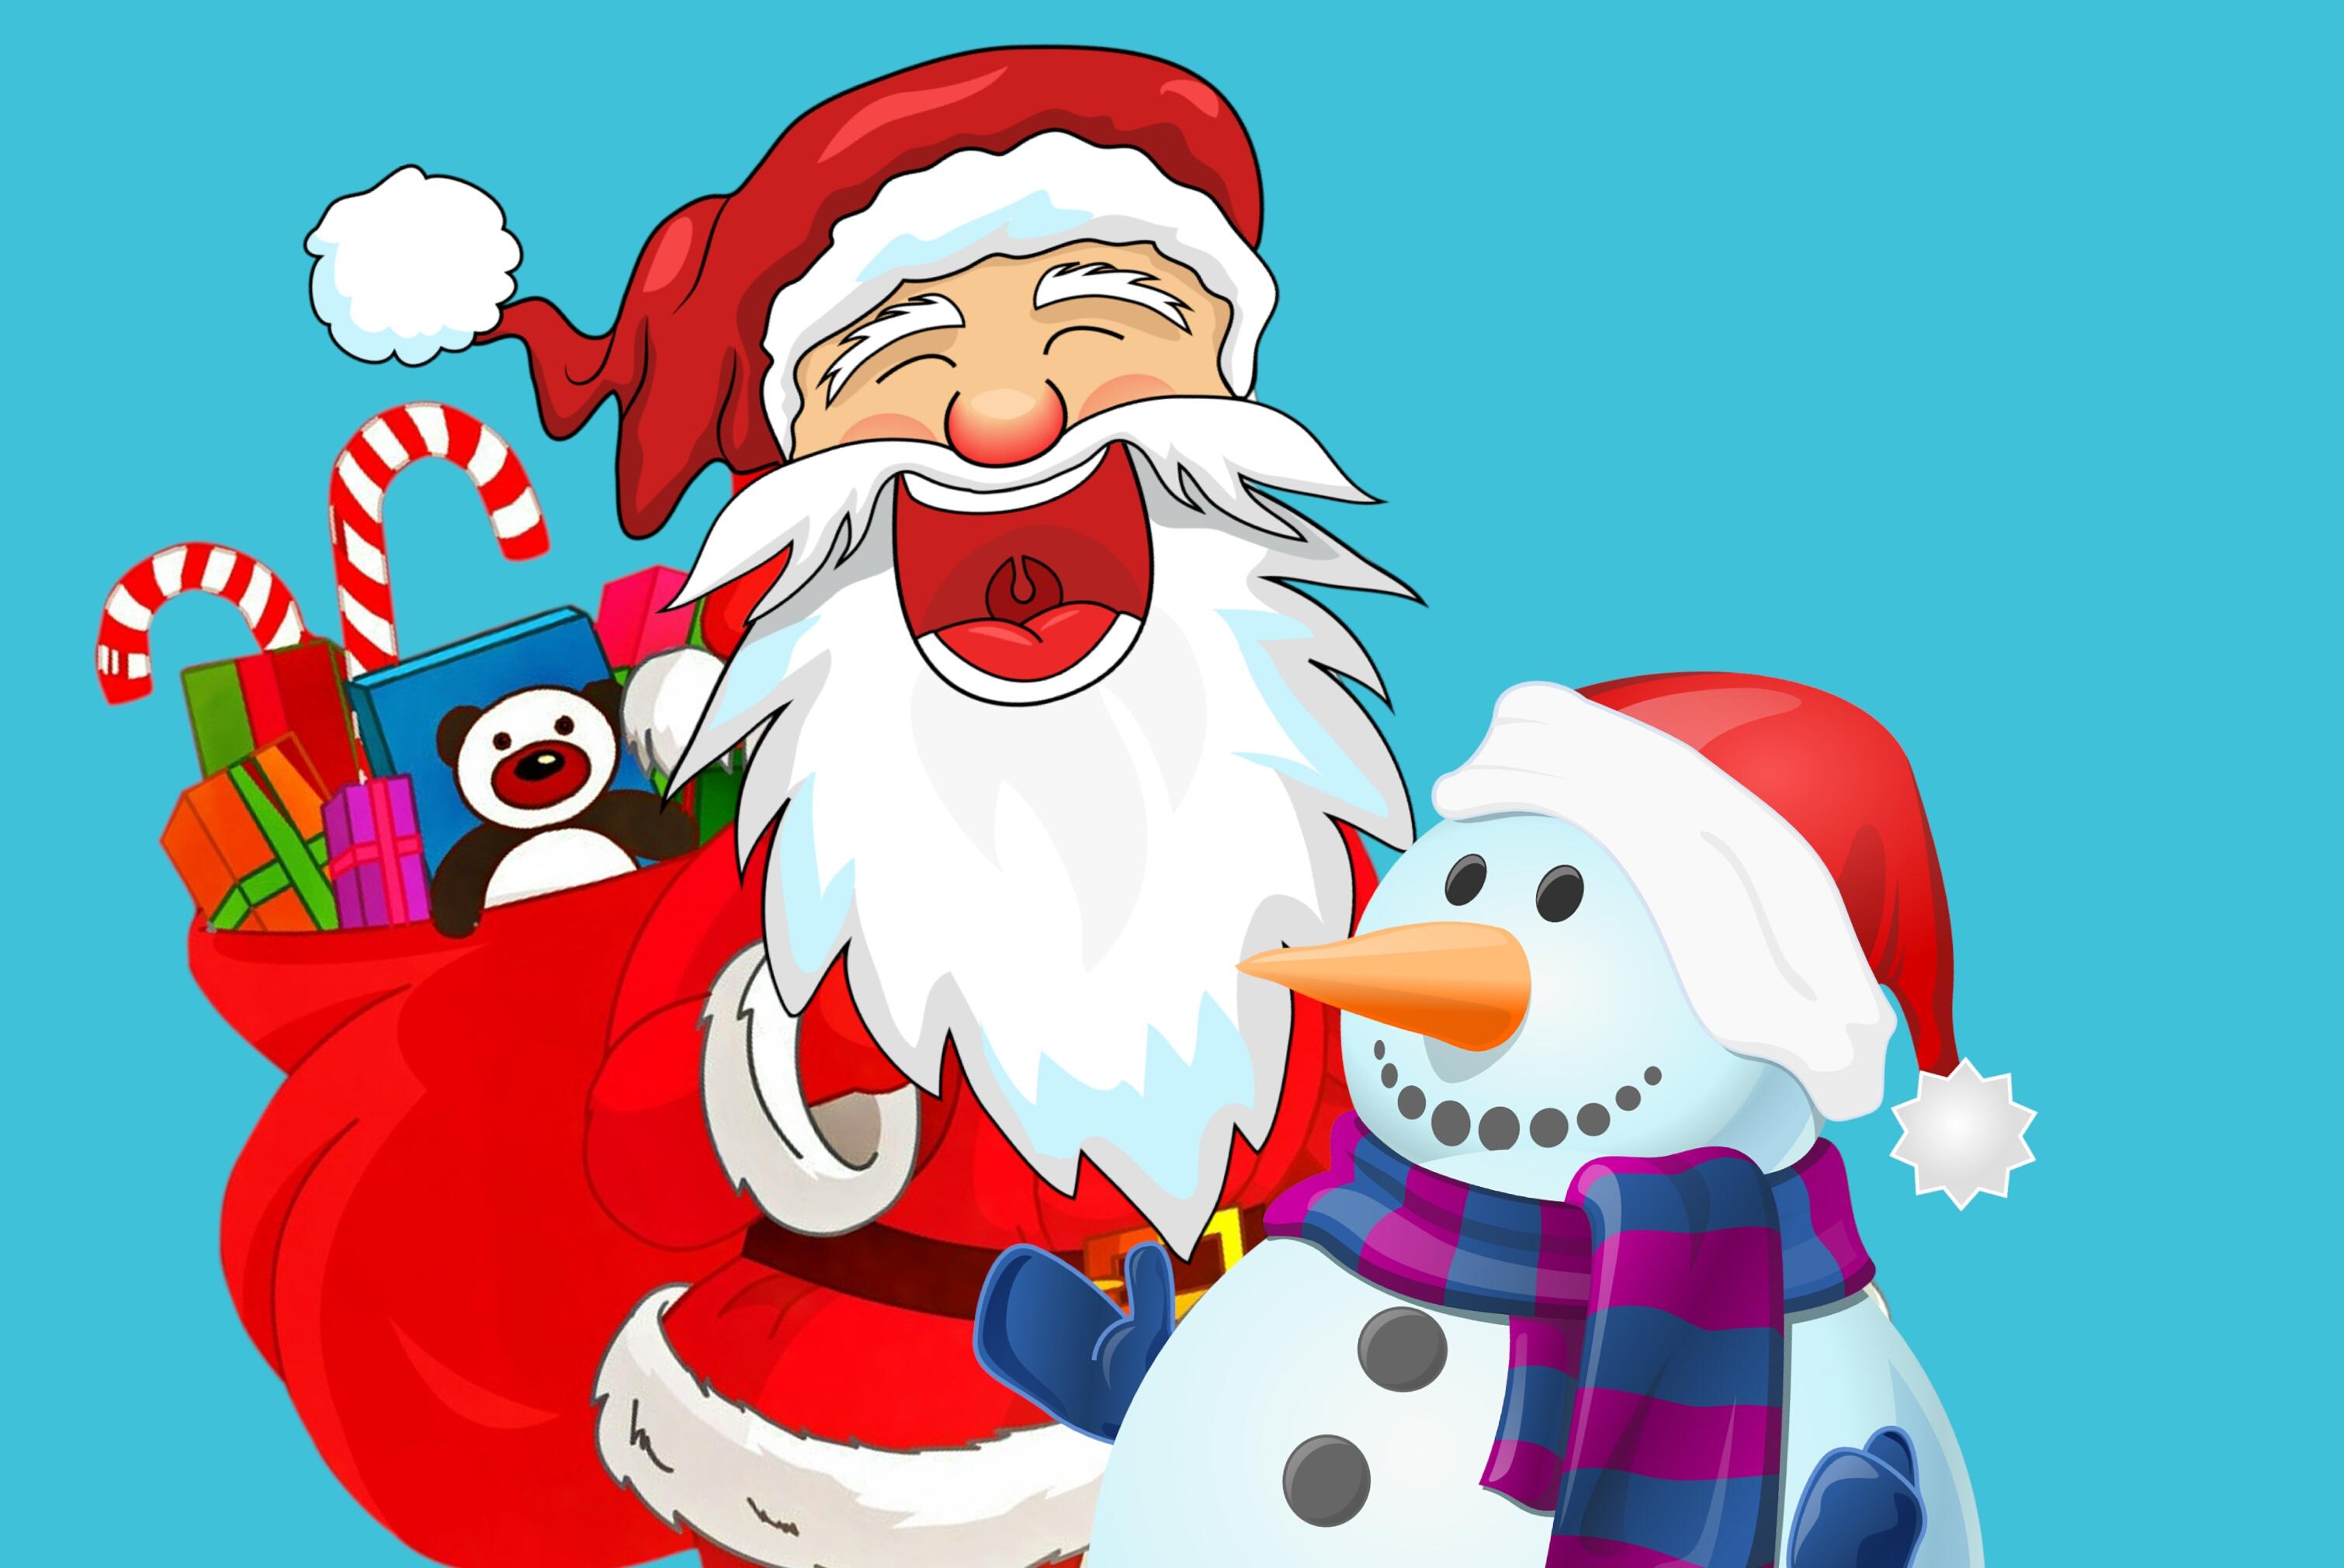 Weihnachten Geschenke 2019.Kostenlose Foto Weihnachten Santa Iceman Geschenke Tasche